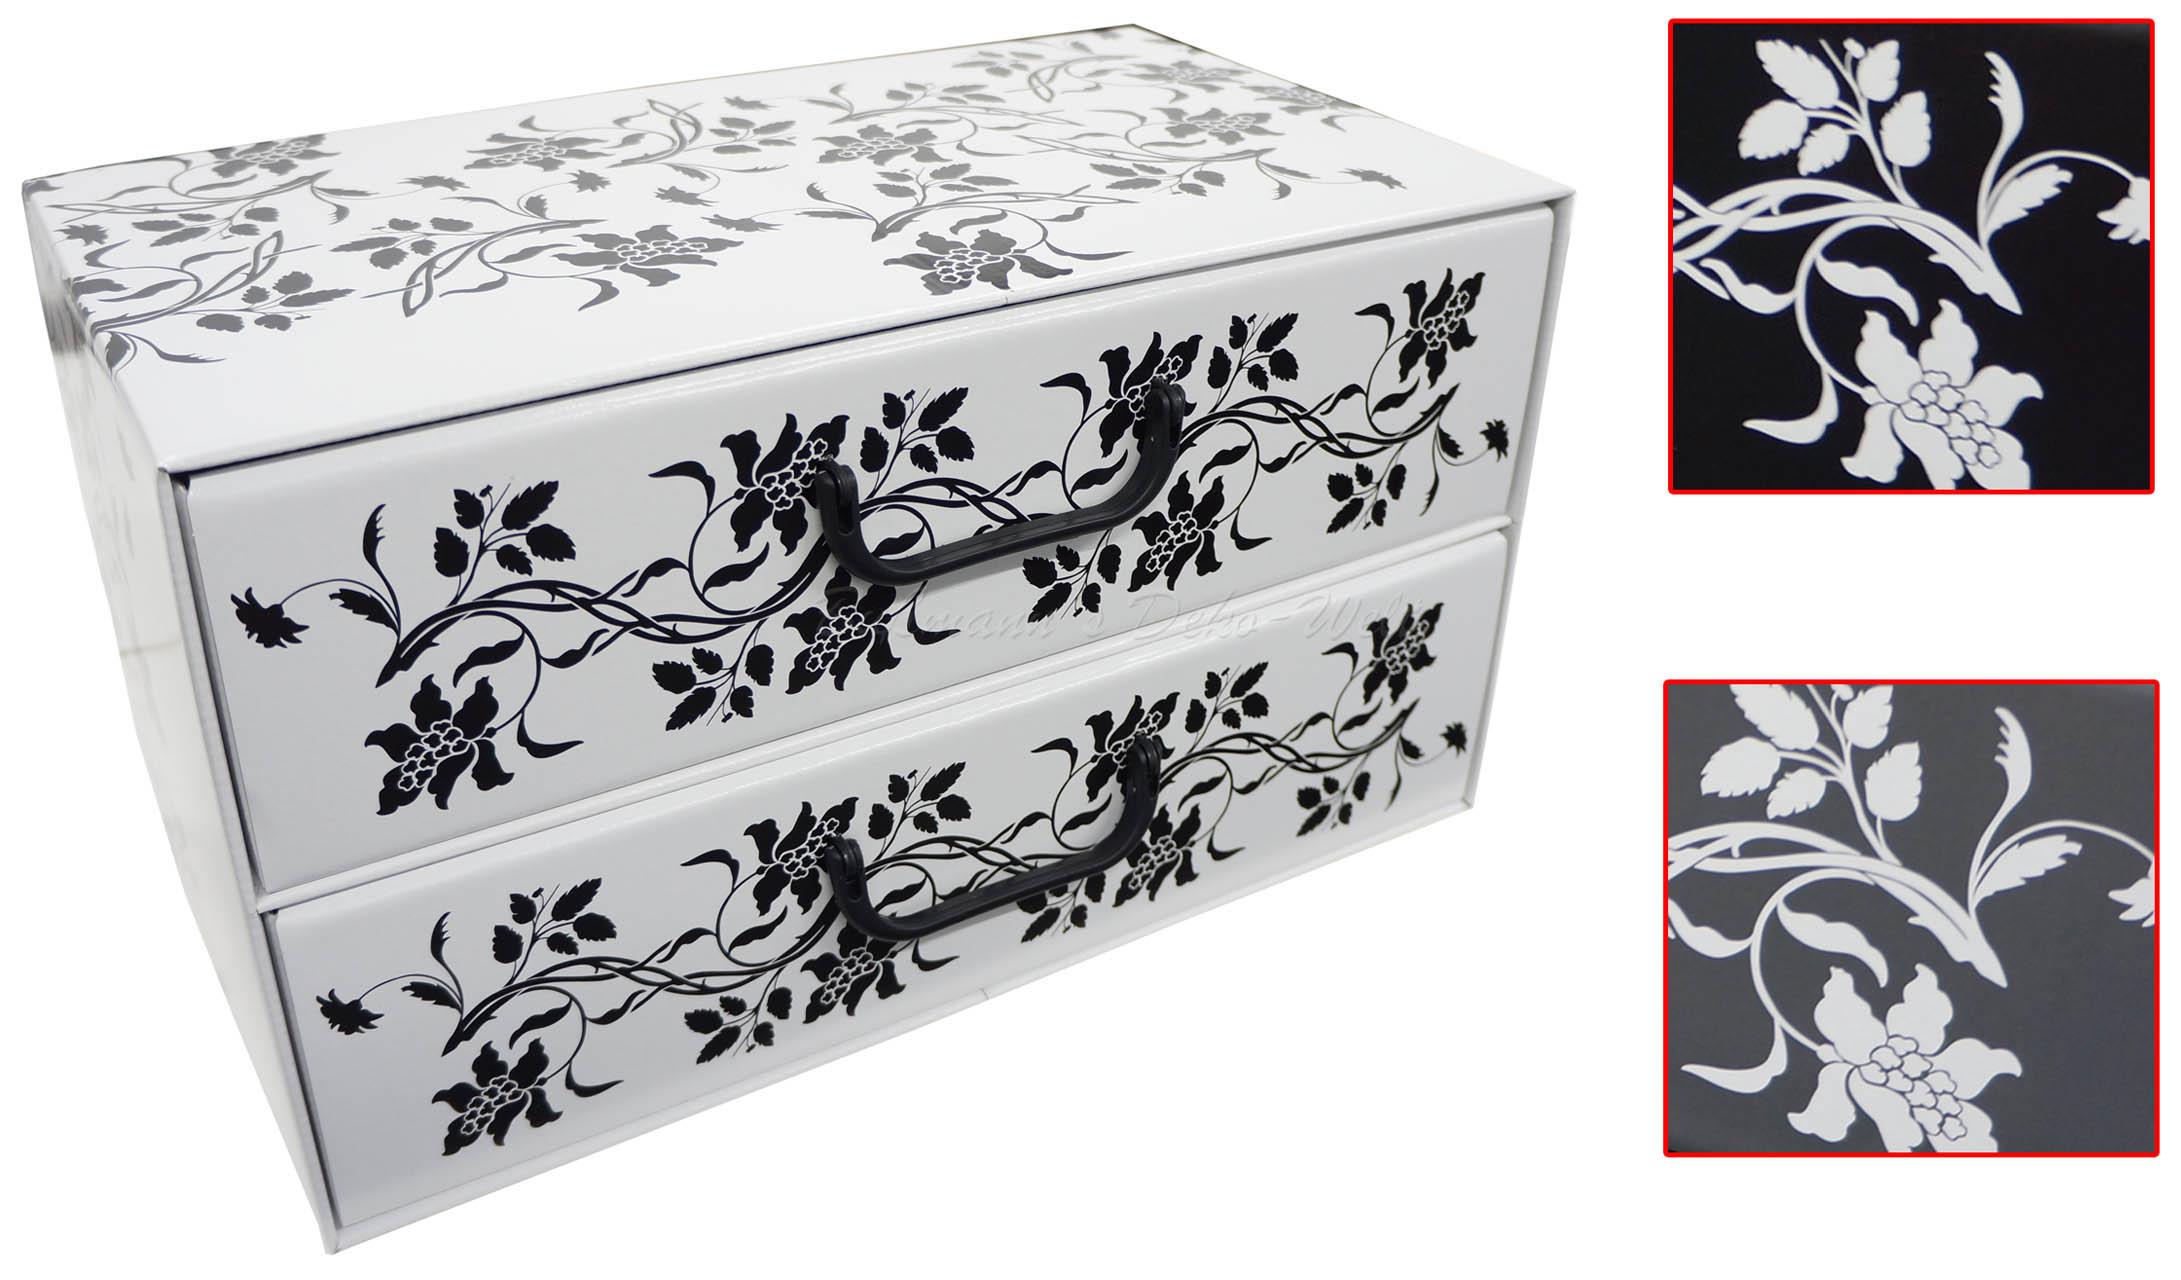 2x aufbewahrungs box mit 2 schubladen floralmuster kiste. Black Bedroom Furniture Sets. Home Design Ideas